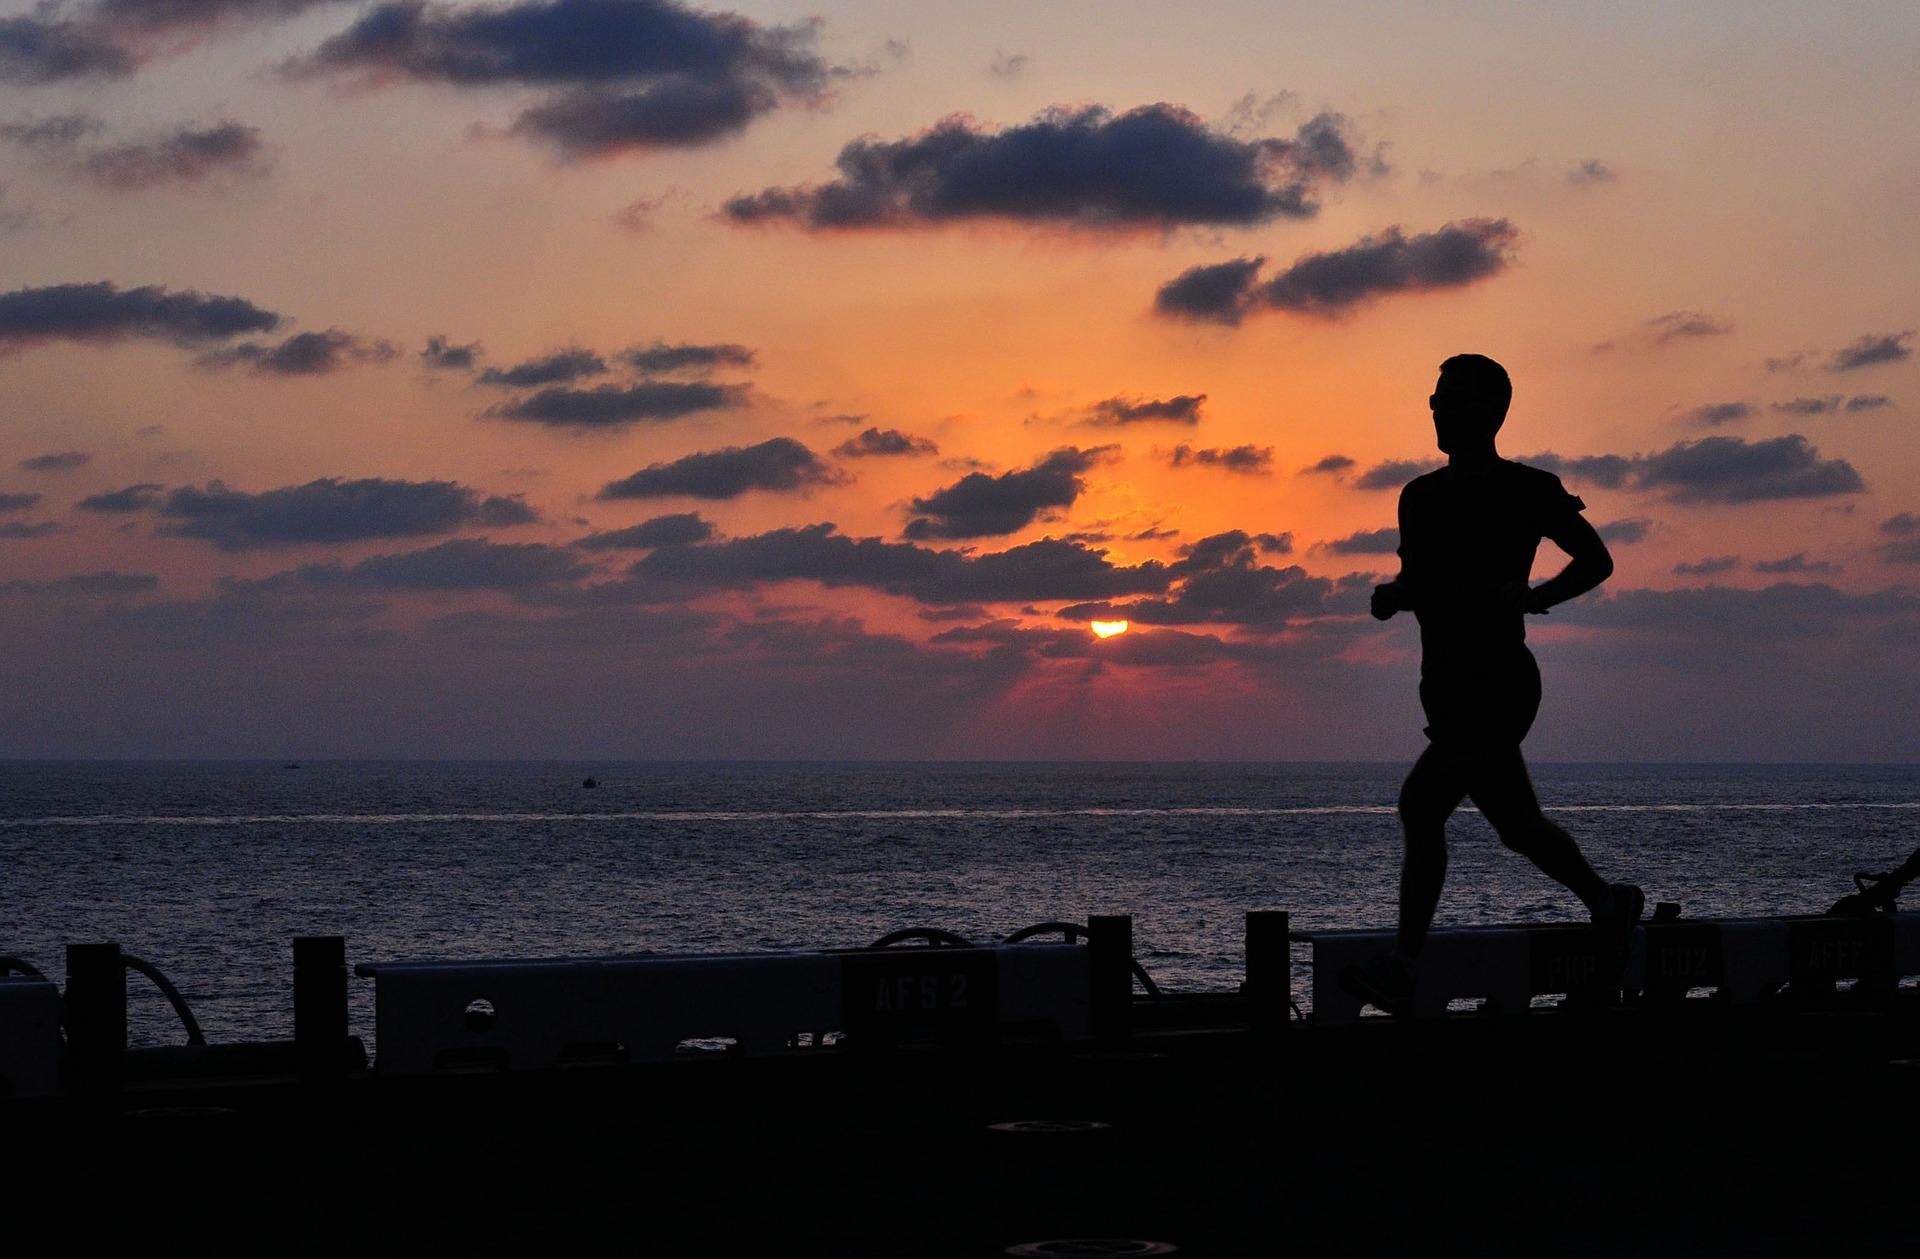 runner-557580_1920.jpg